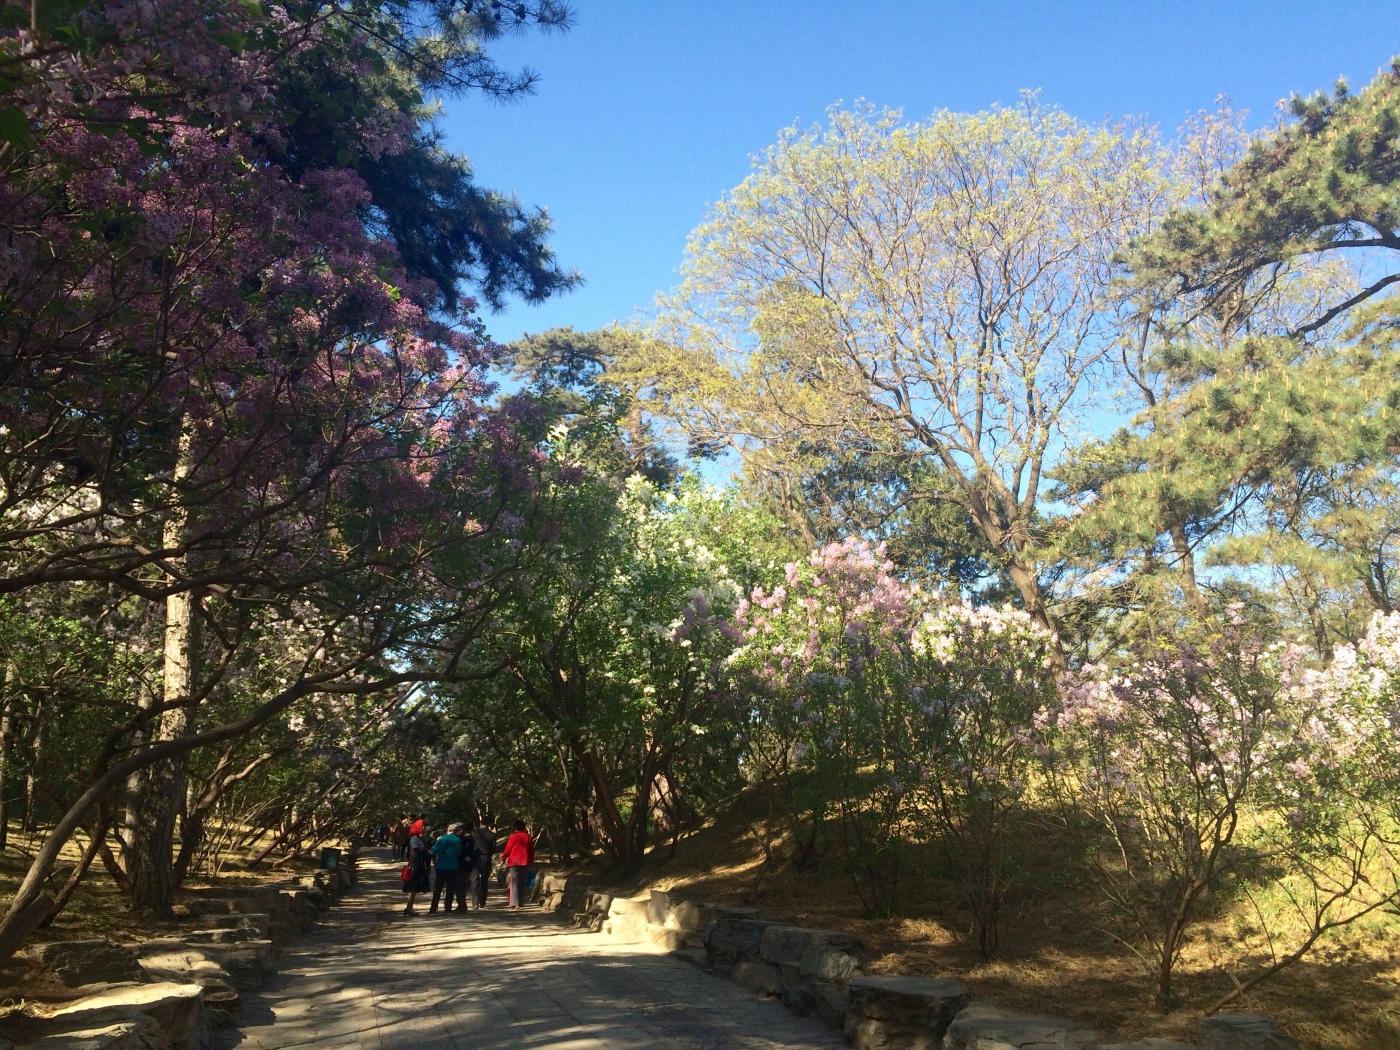 走在花开的路上(手机拍摄)_图1-5